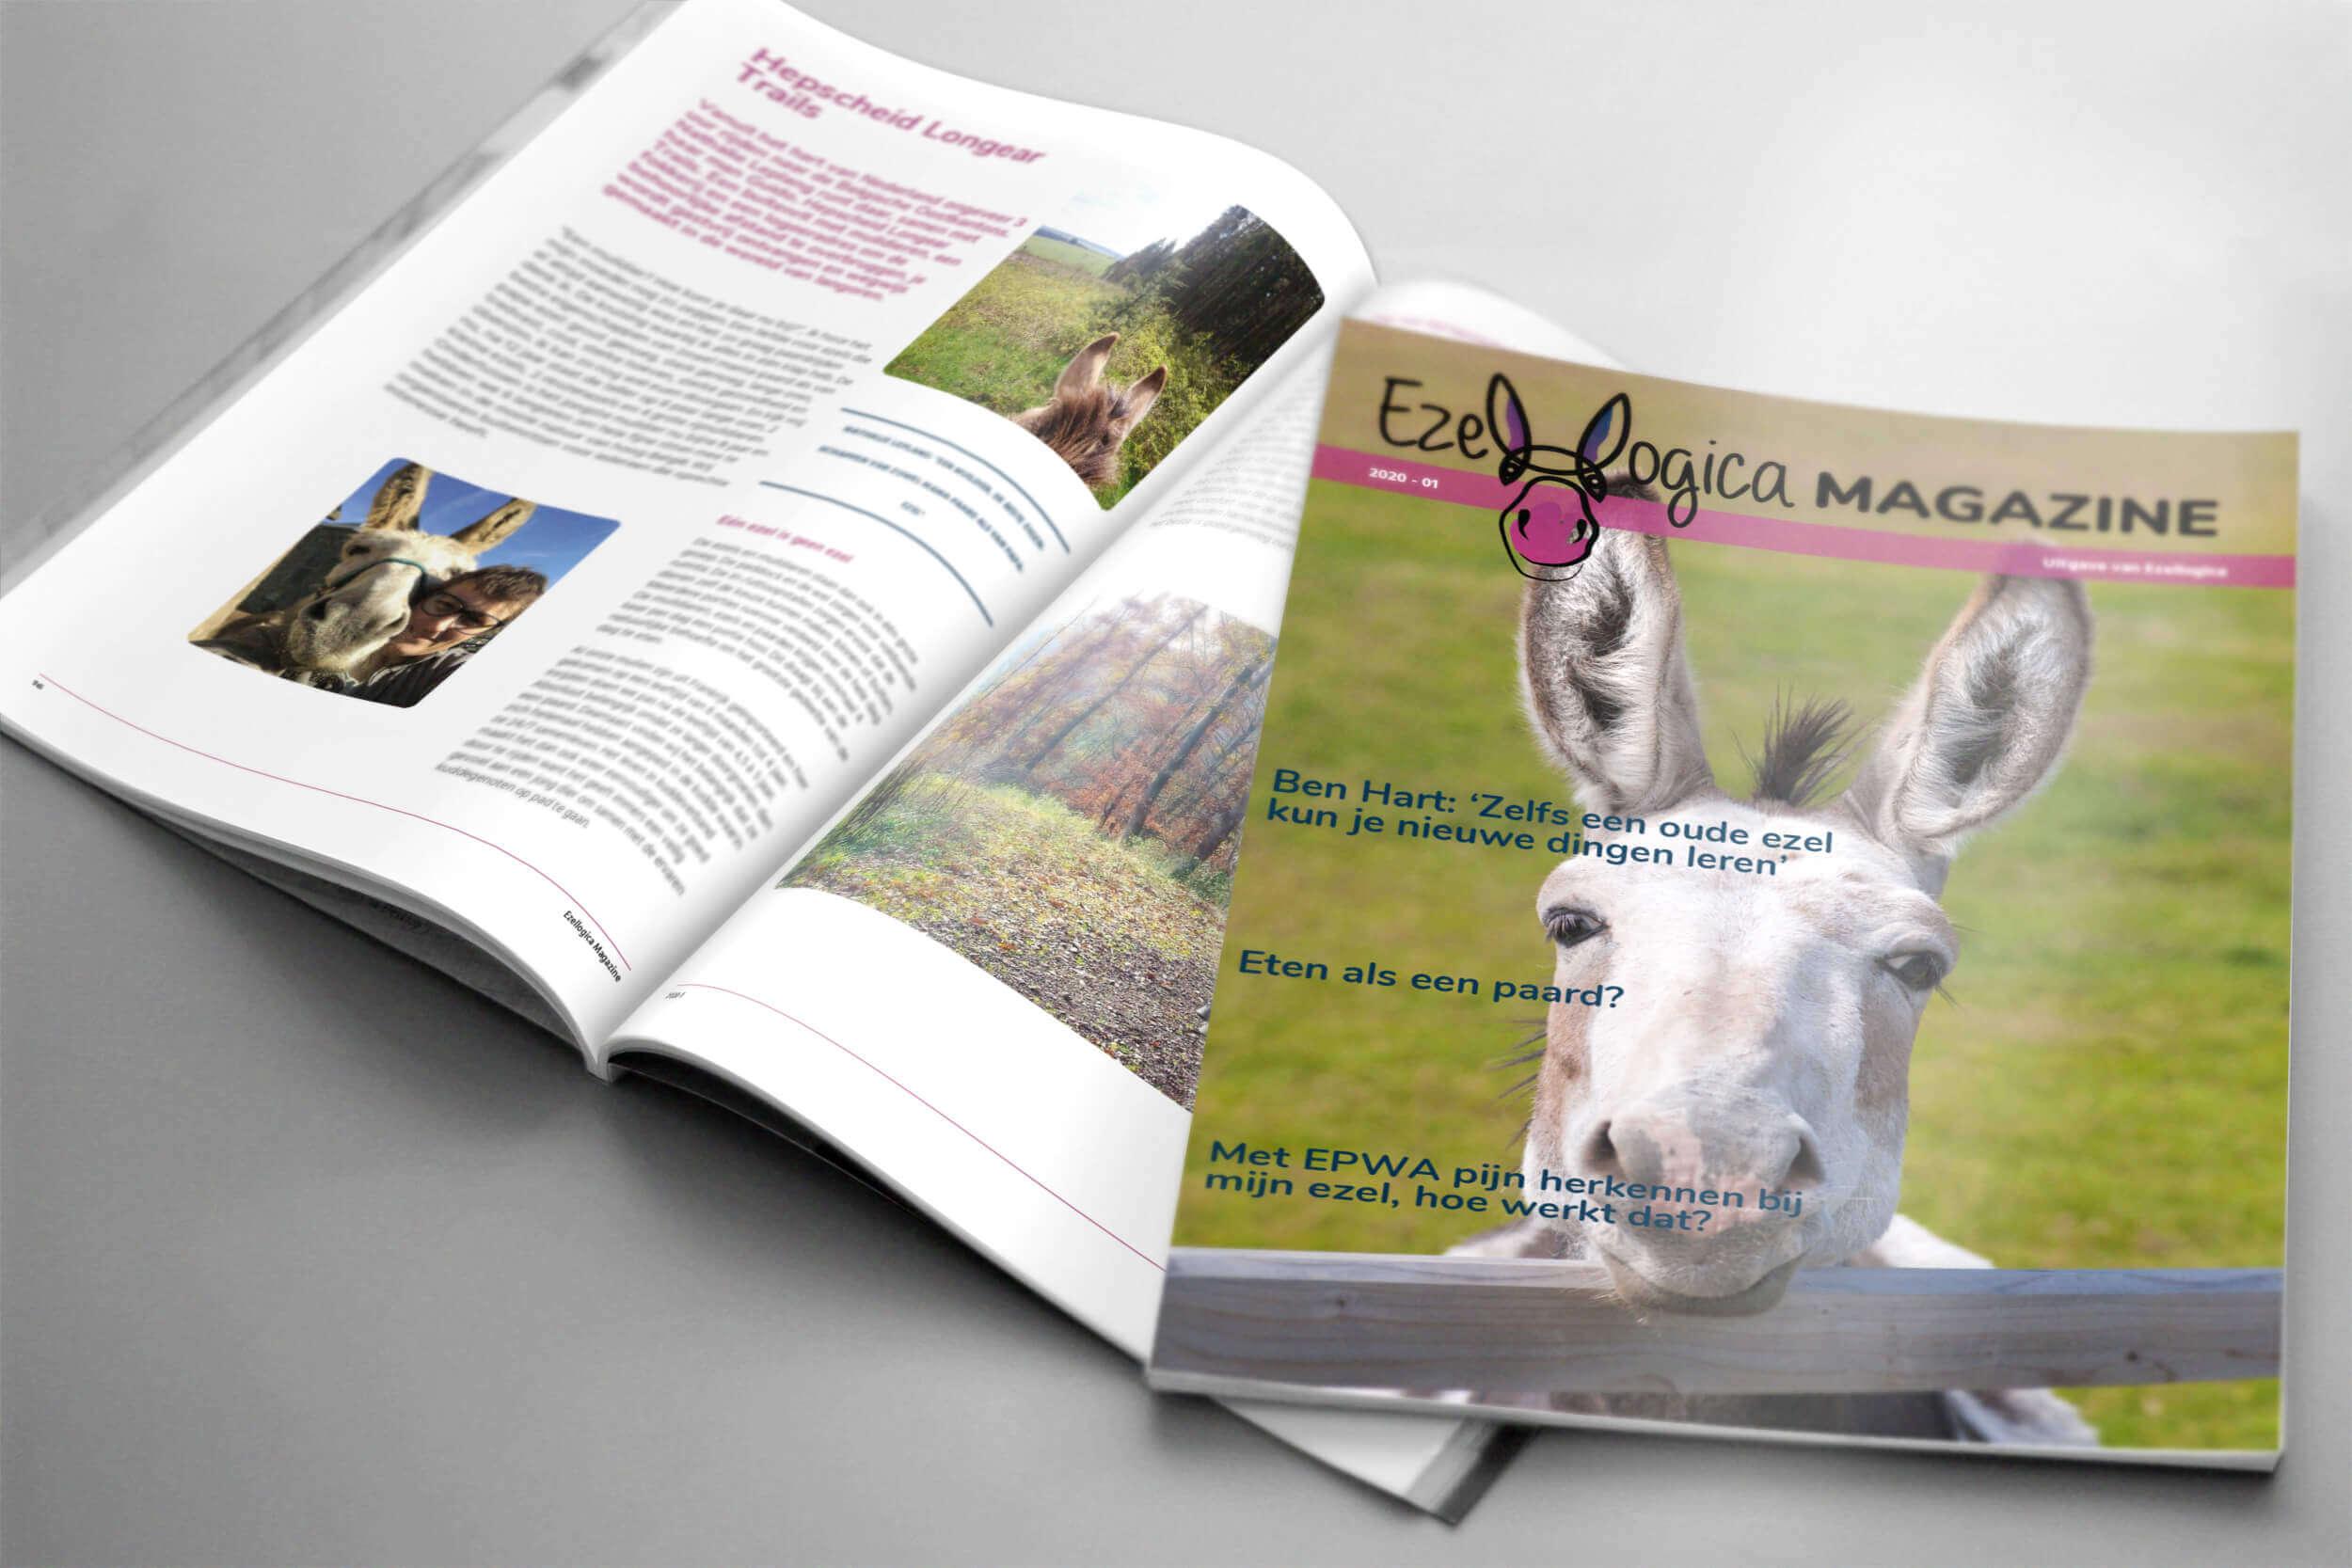 Het ezelmagazine van Ezellogica - informatie over ezels